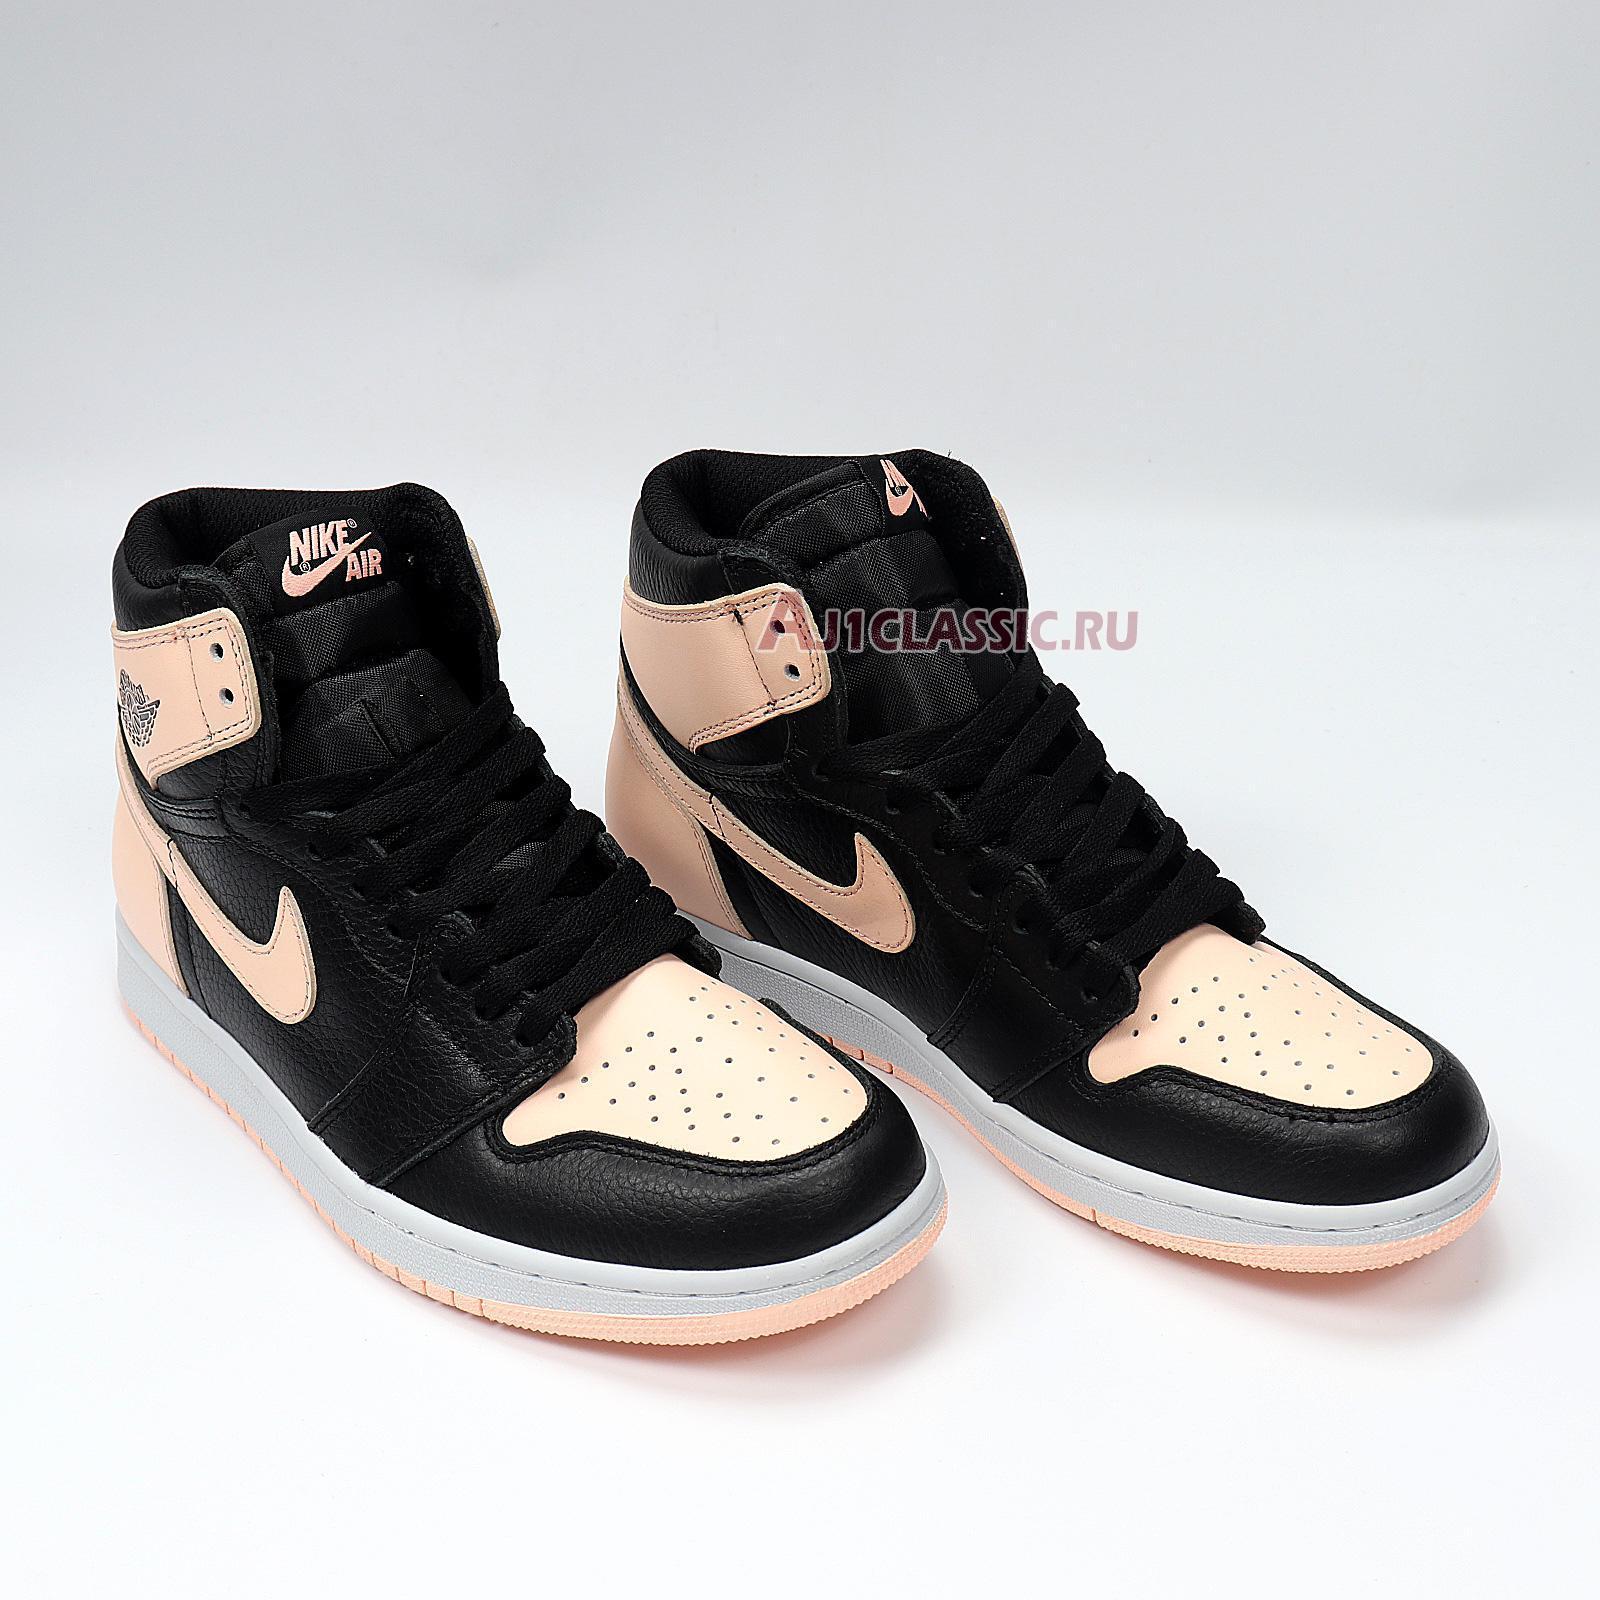 """Air Jordan 1 Retro High OG """"Crimson Tint"""" 575441-081"""